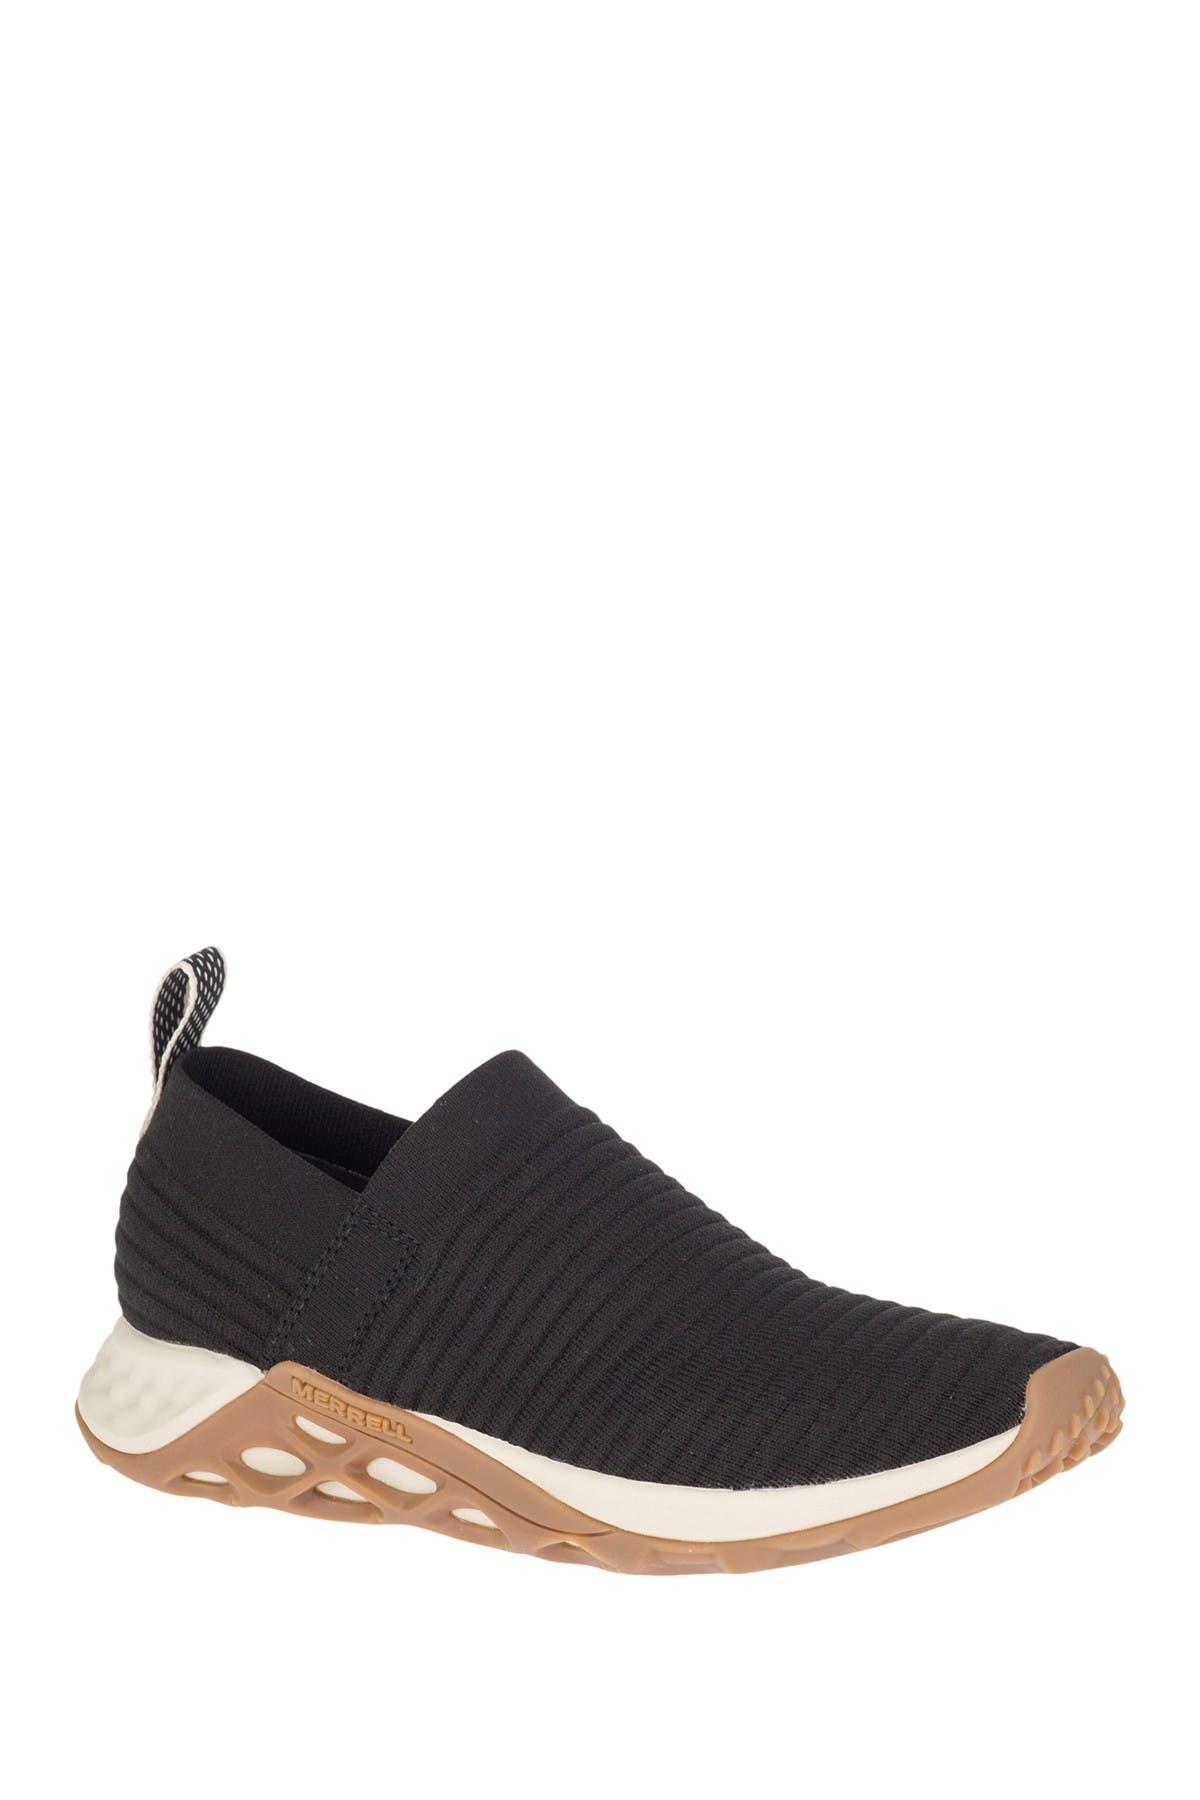 Image of Merrell Range Laceless Slip-On Sneaker